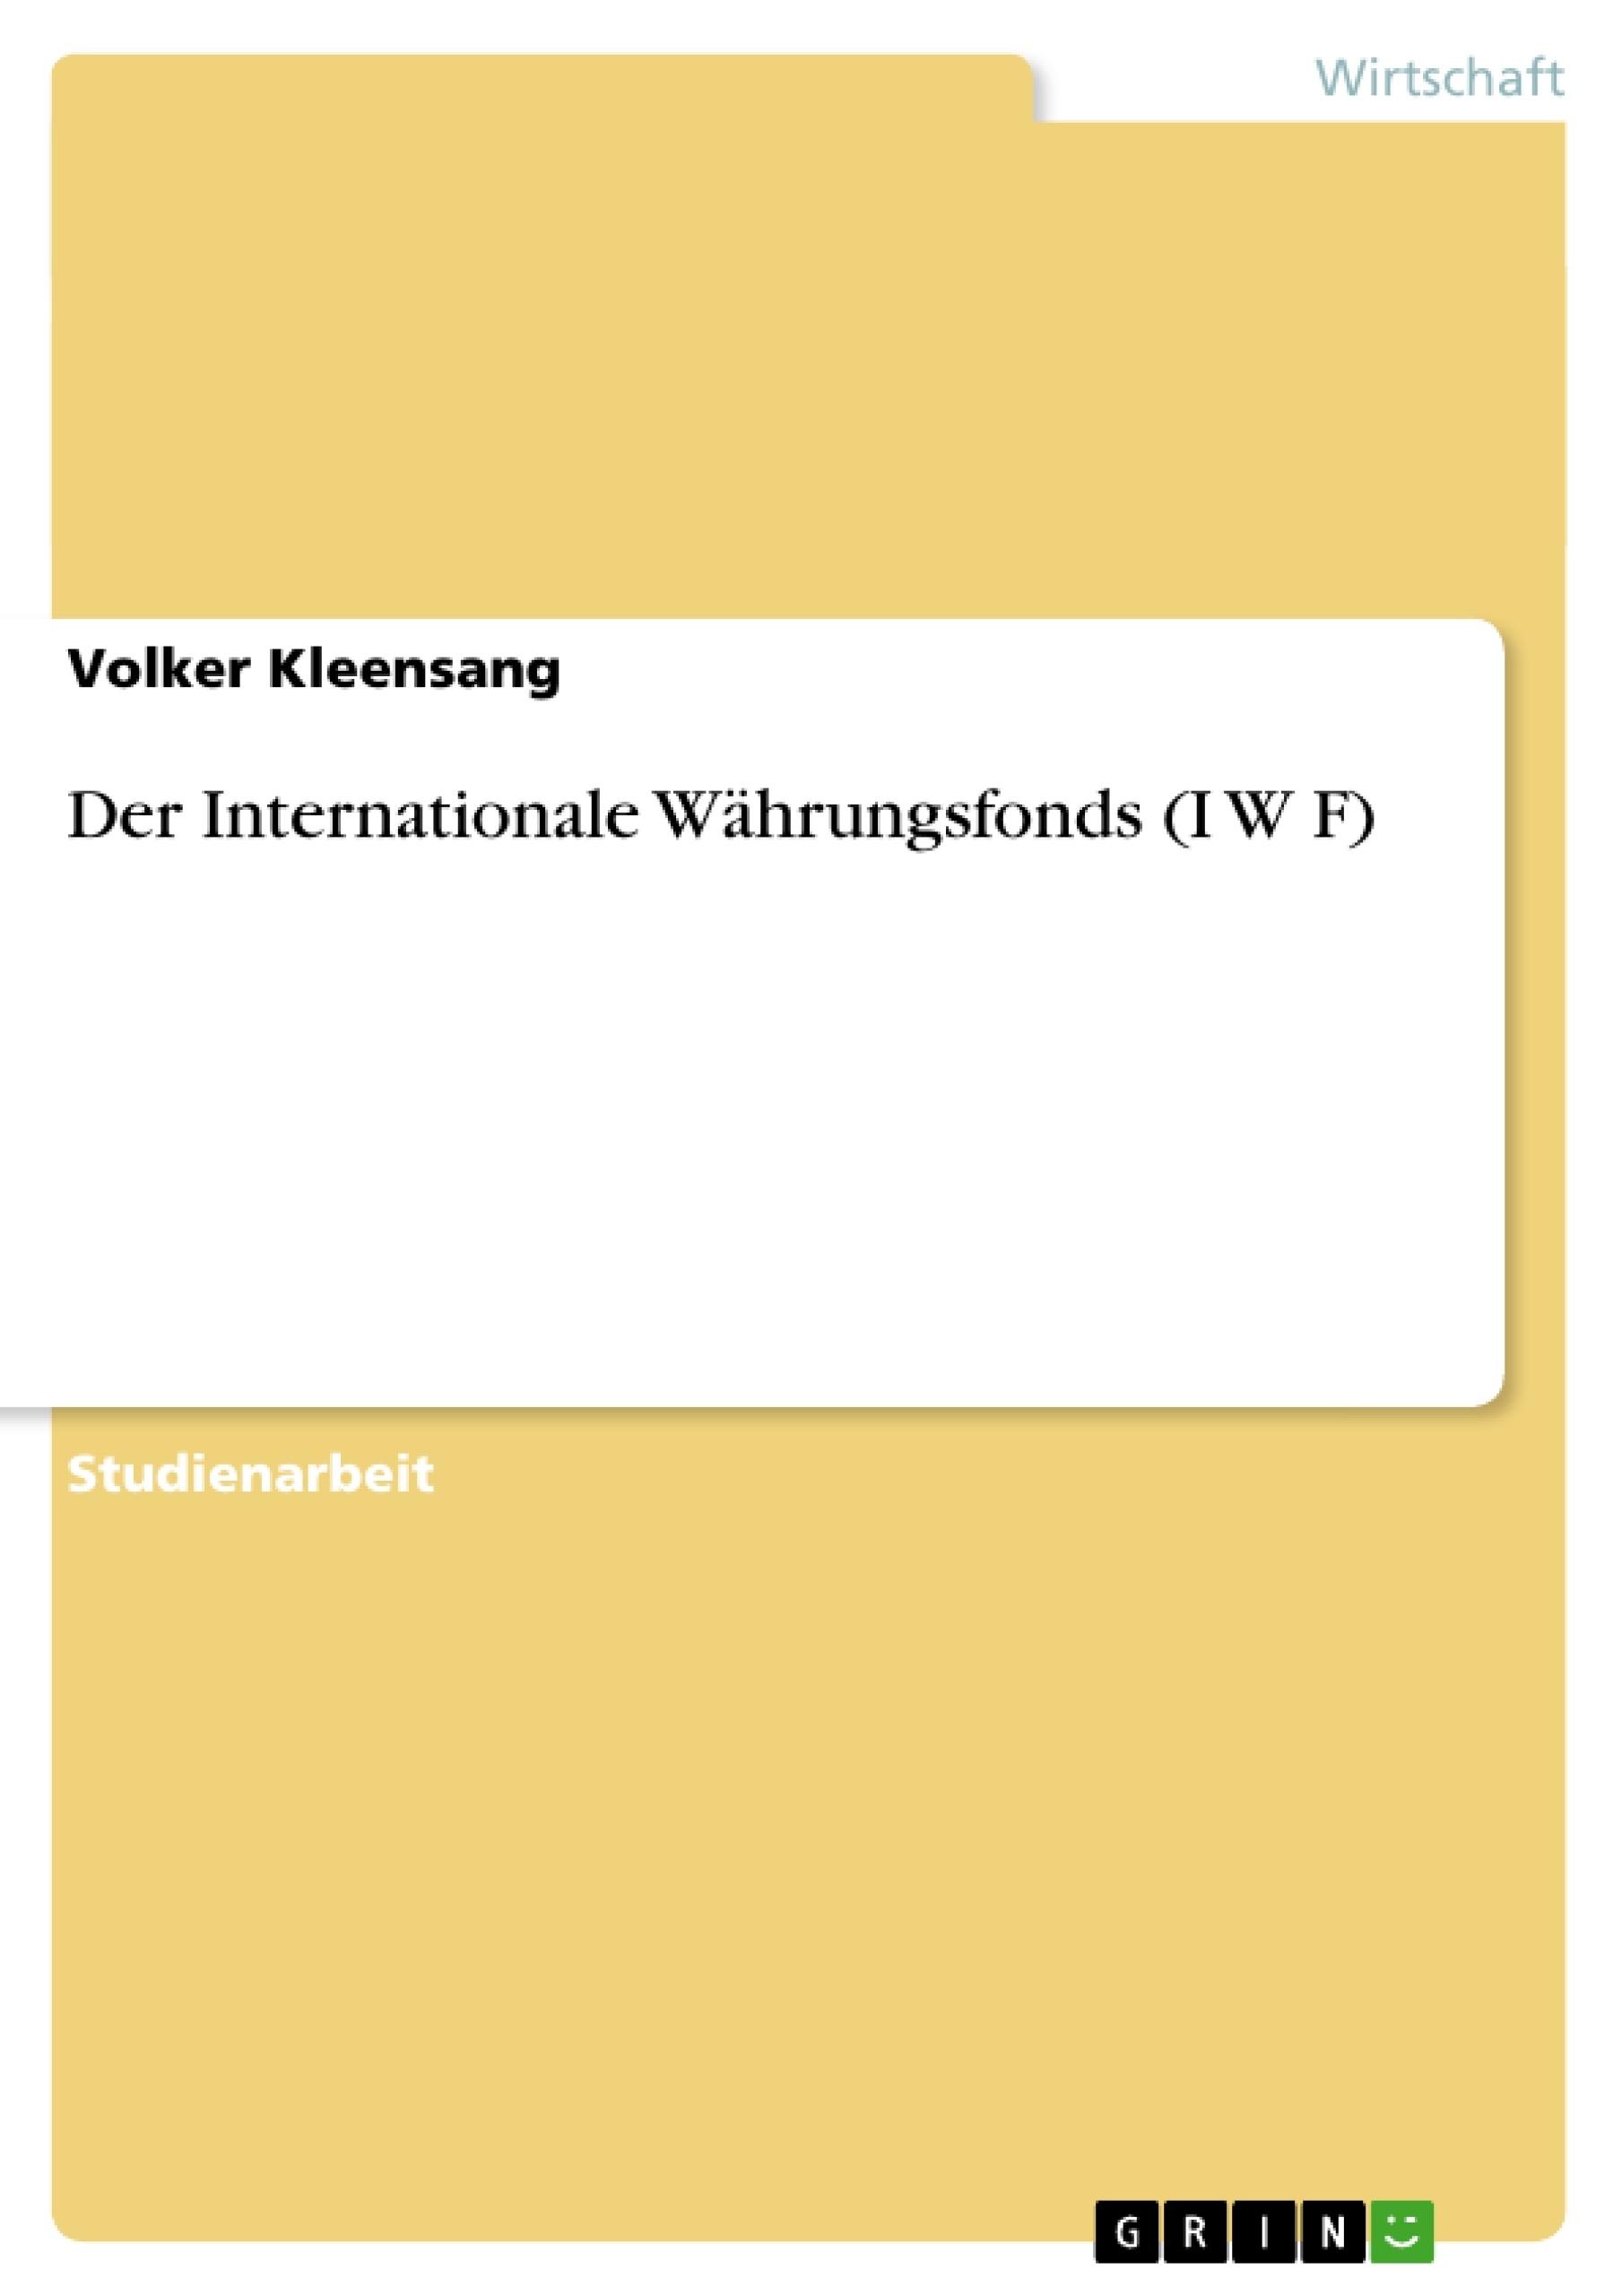 Titel: Der Internationale Währungsfonds (I W F)